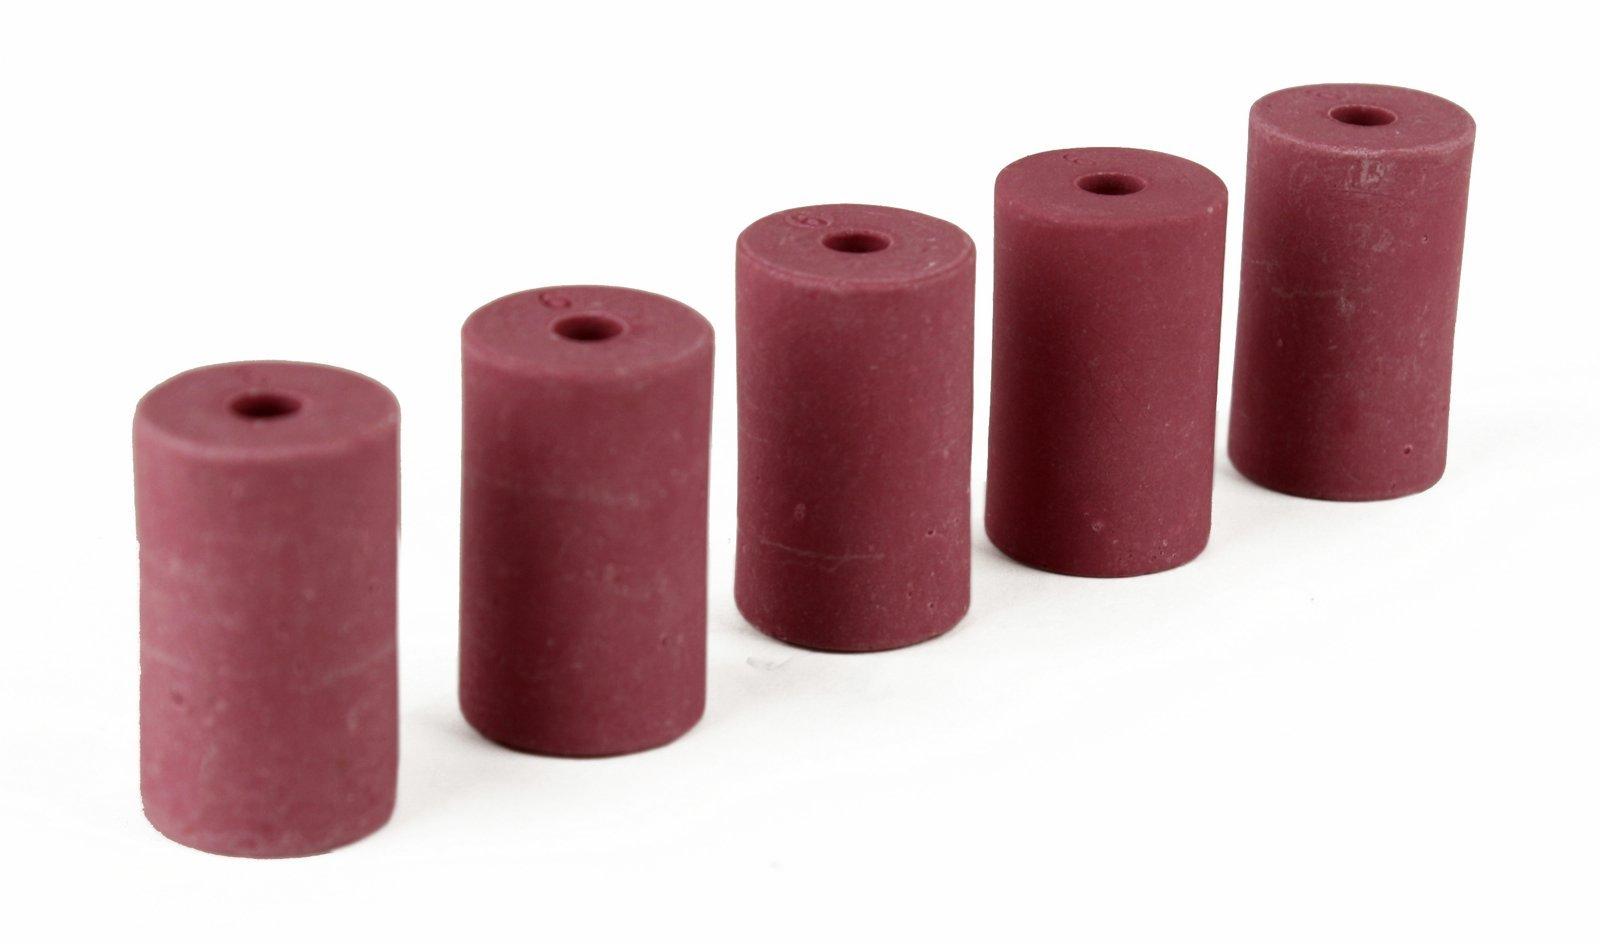 6MM Ceramic Nozzle, Fits 110 and 260 Gallon Sandblast Cabinets, Quantity of 5